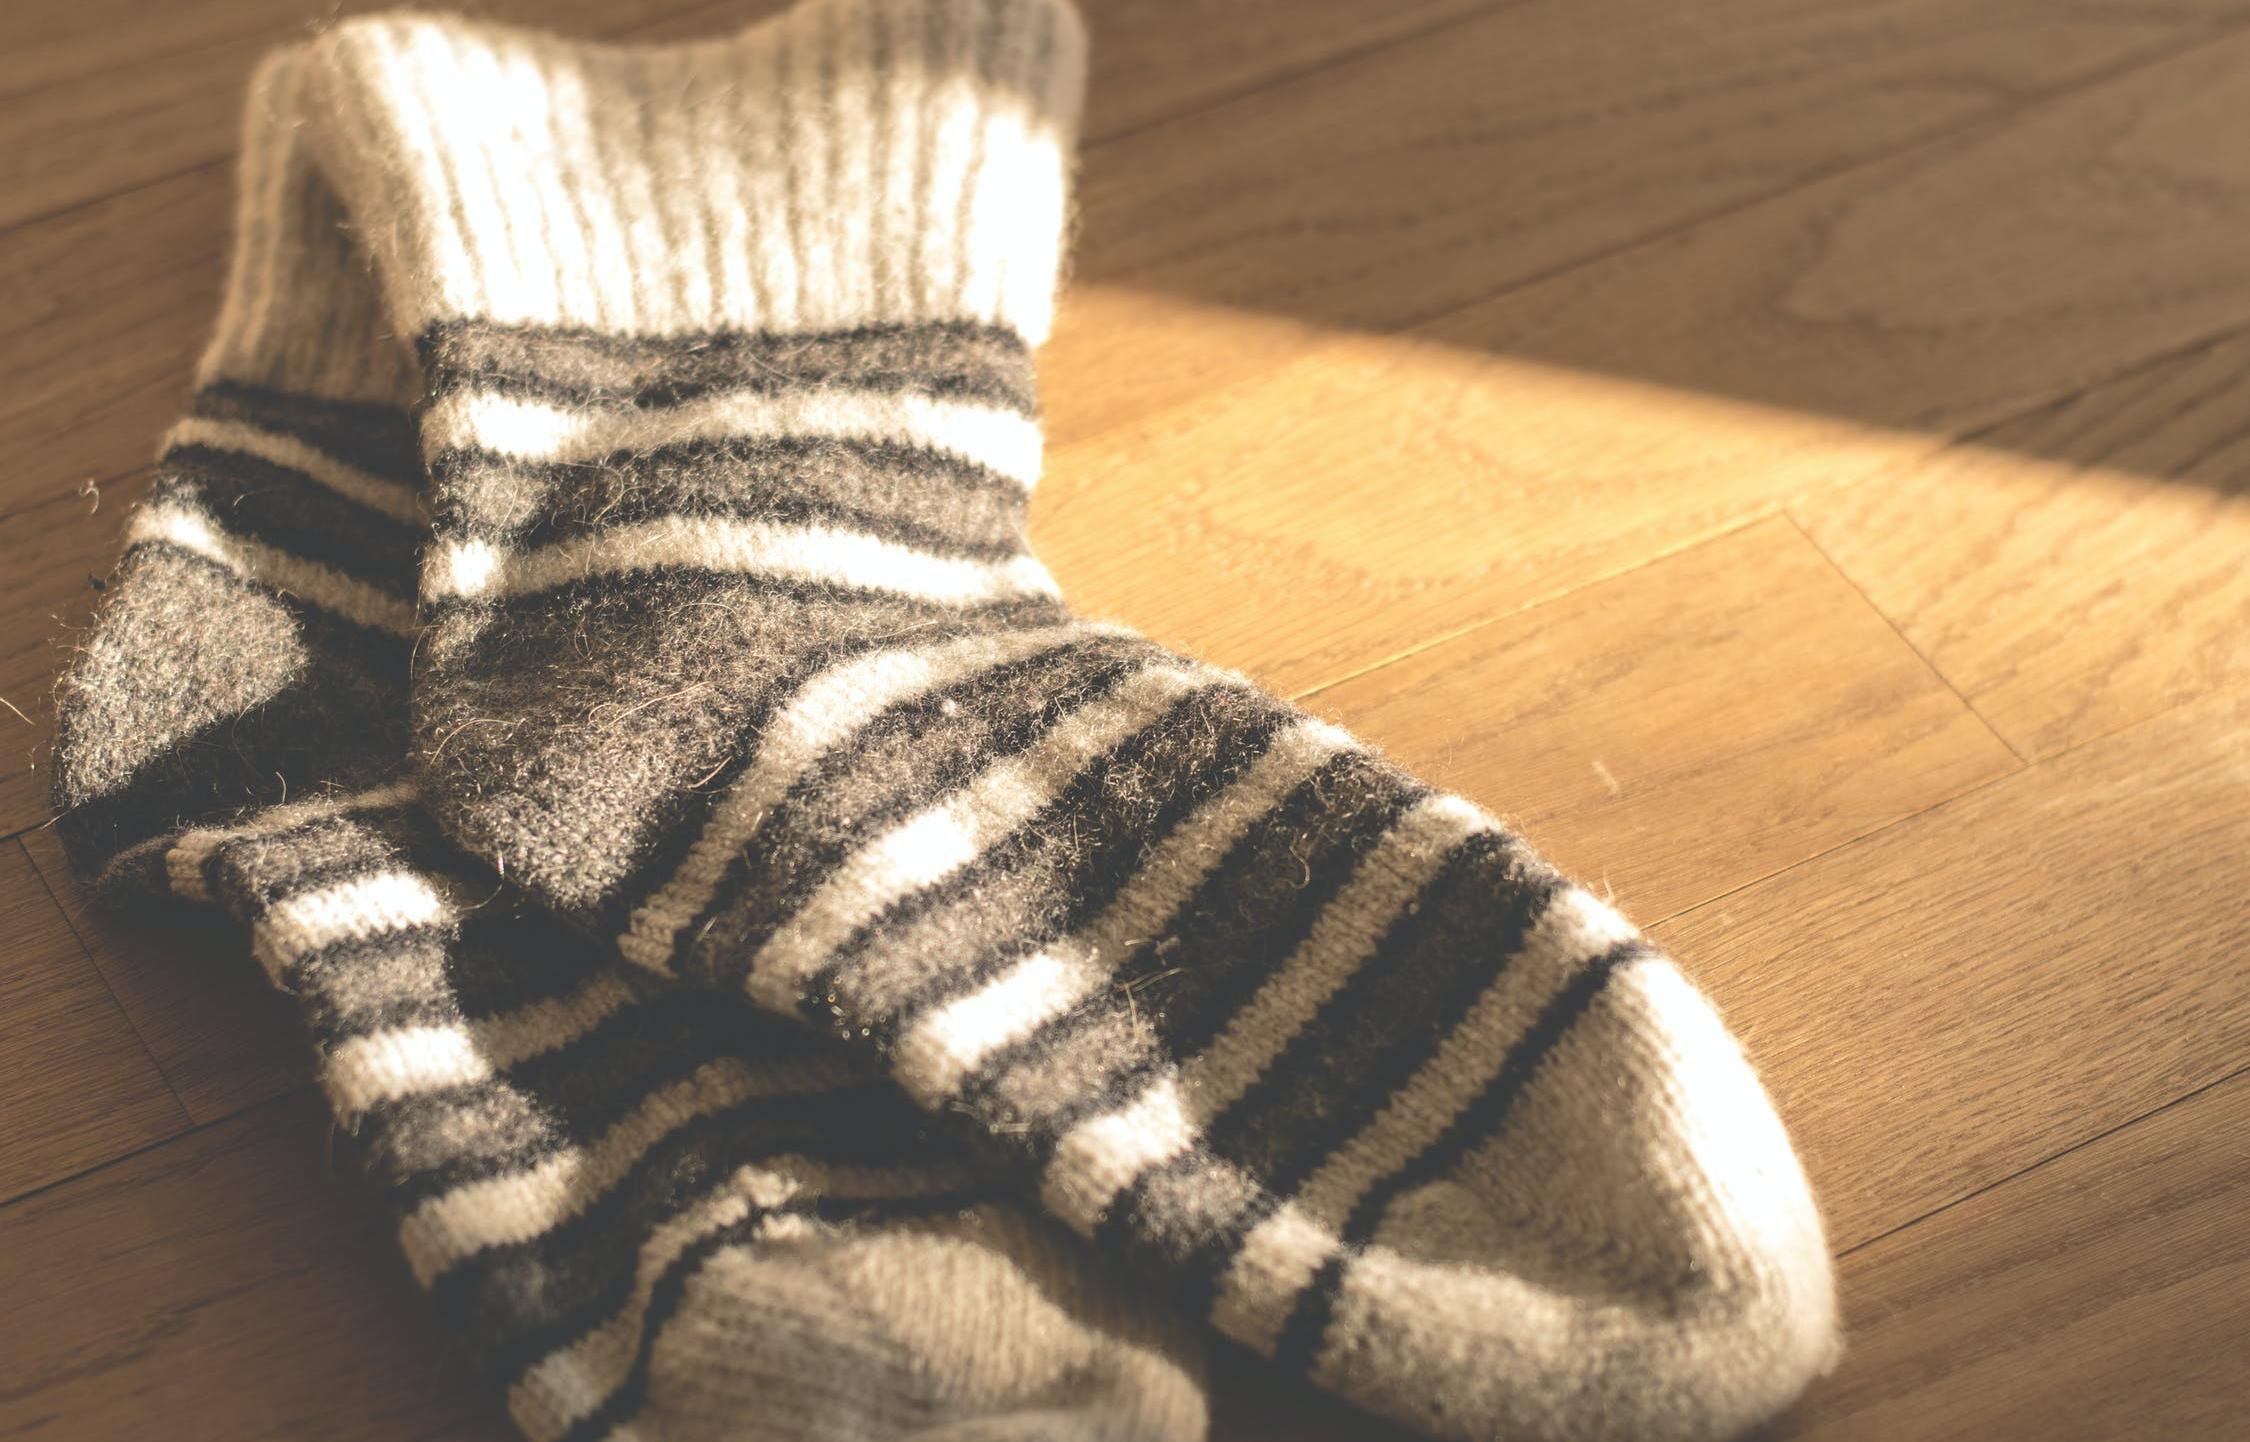 Отопительный сезон в Твери: узнайте, когда в вашем доме будет тепло - новости Афанасий